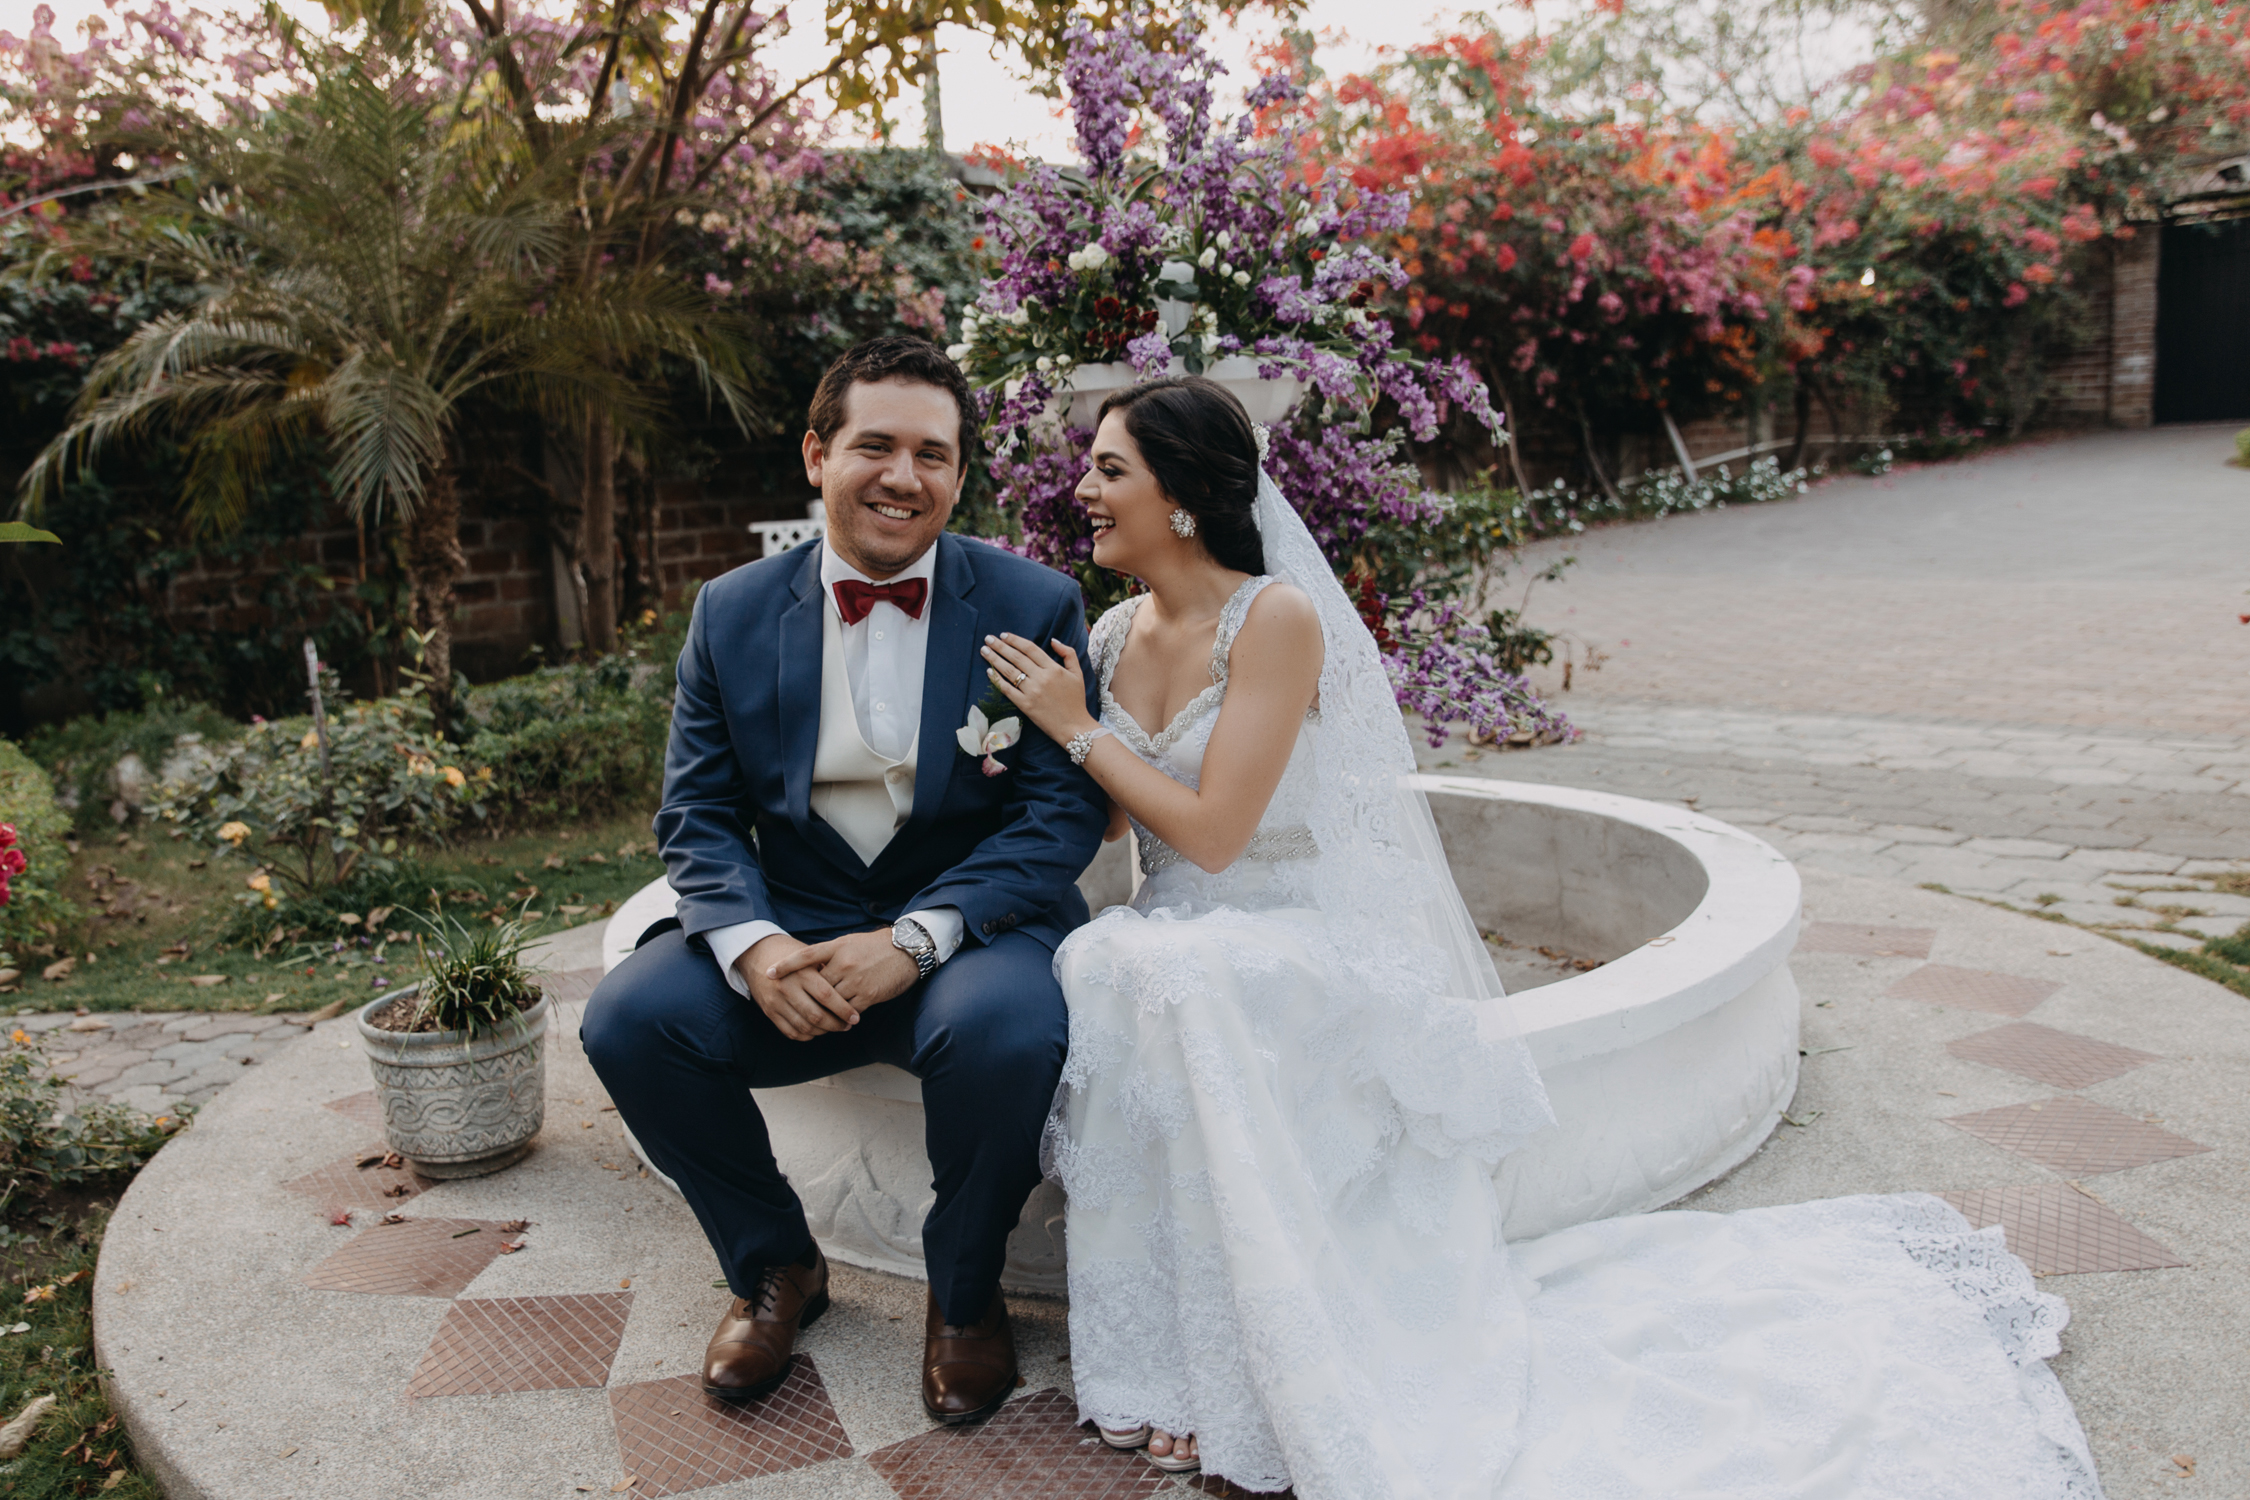 Michelle-Agurto-Fotografia-Bodas-Ecuador-Destination-Wedding-Photographer-Cristi-Luis-105.JPG